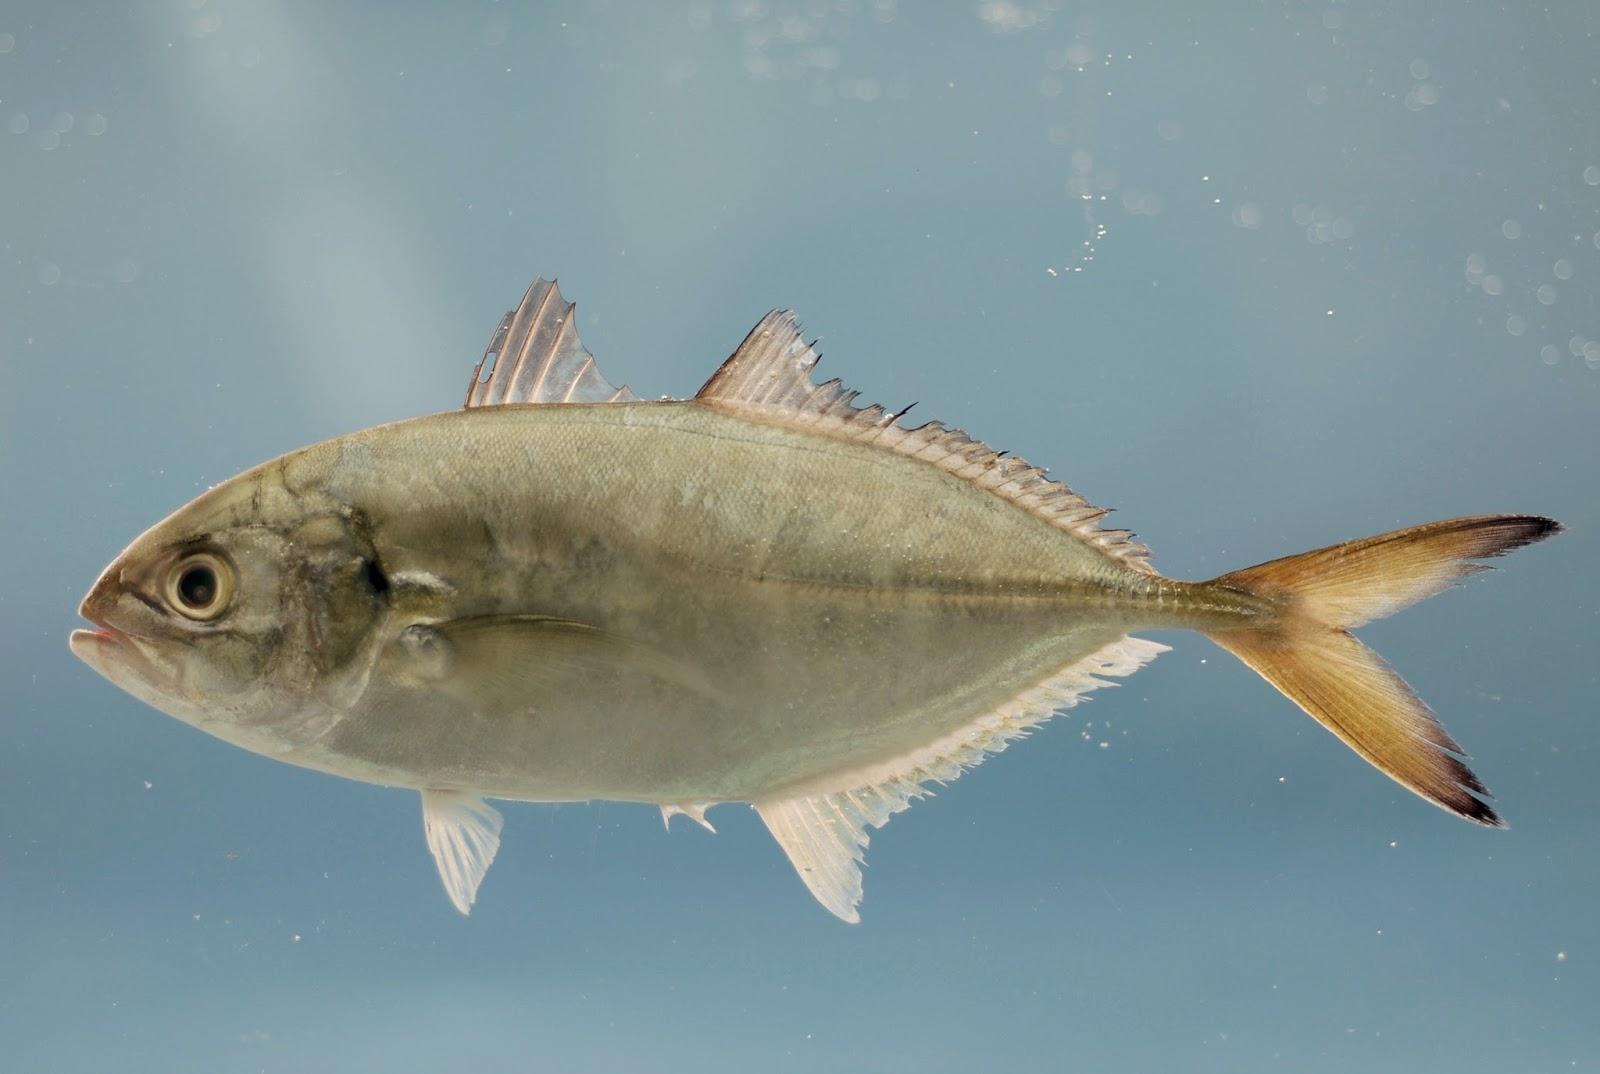 Peixe Xerelete (Caranx crysos)